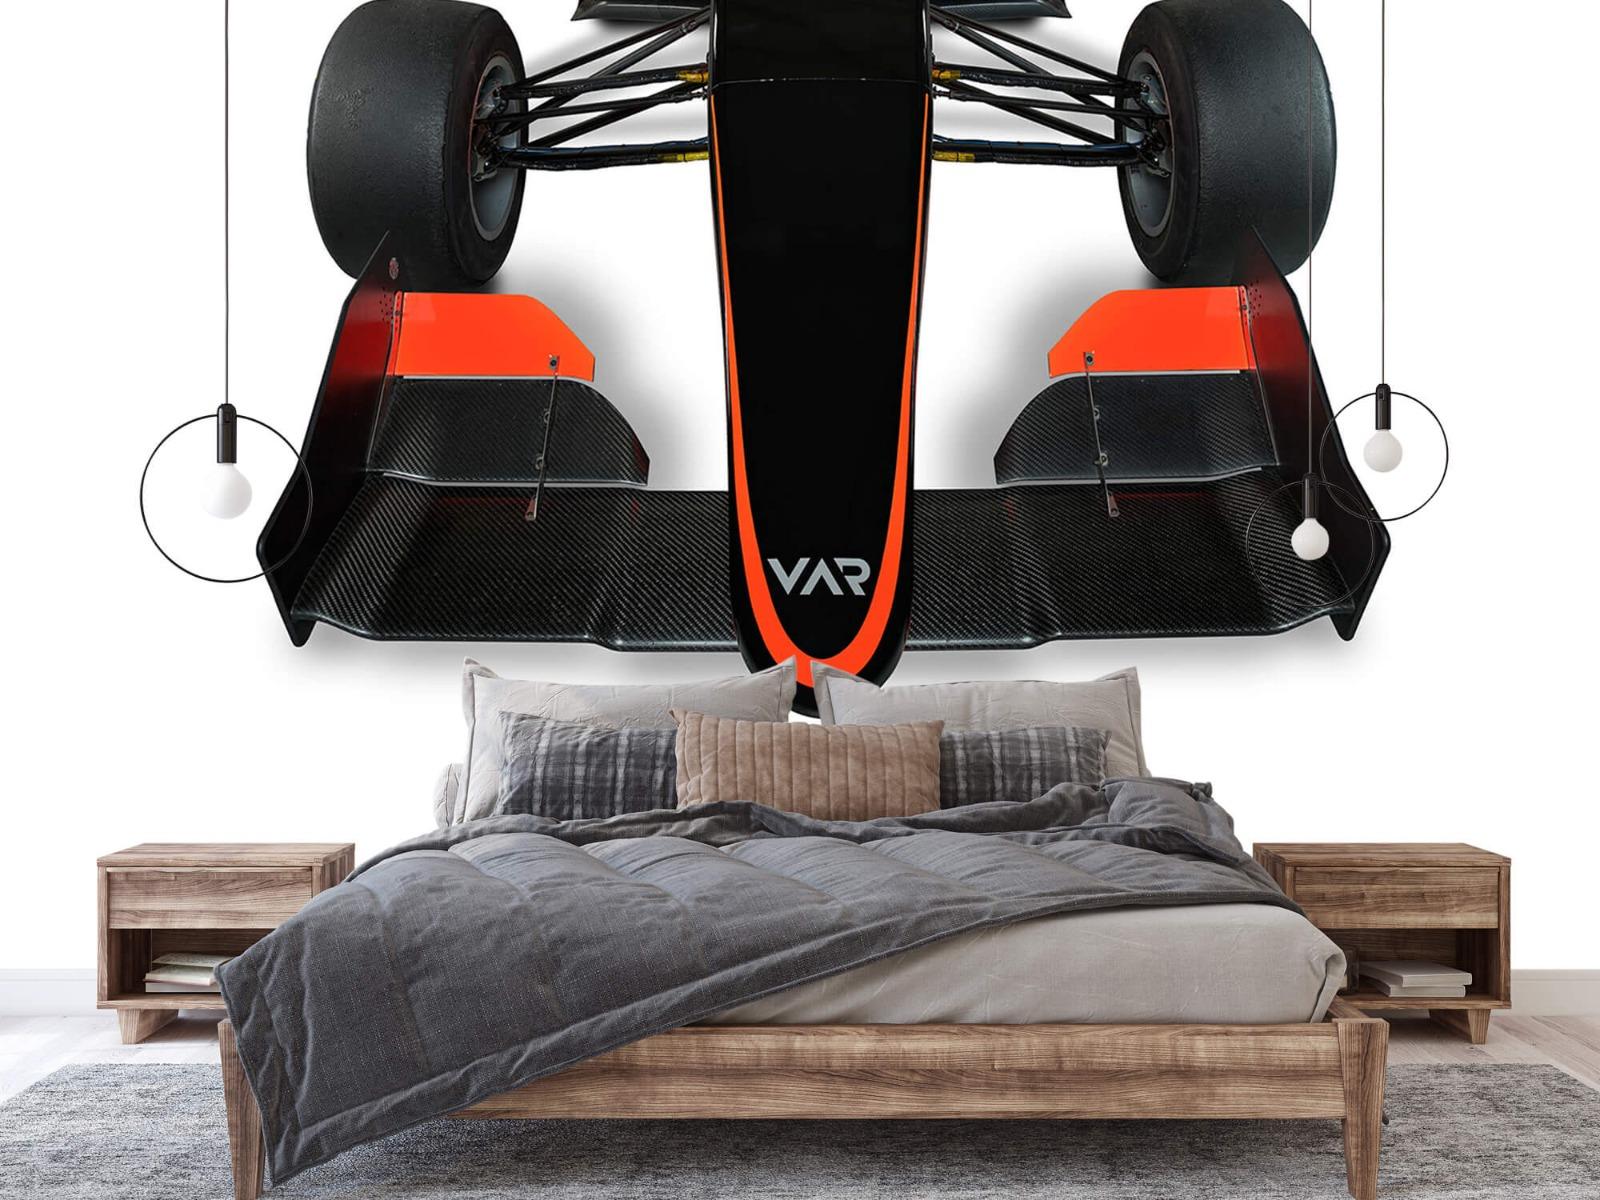 Sportauto's - Formule 3 - Front view - Computerruimte 2